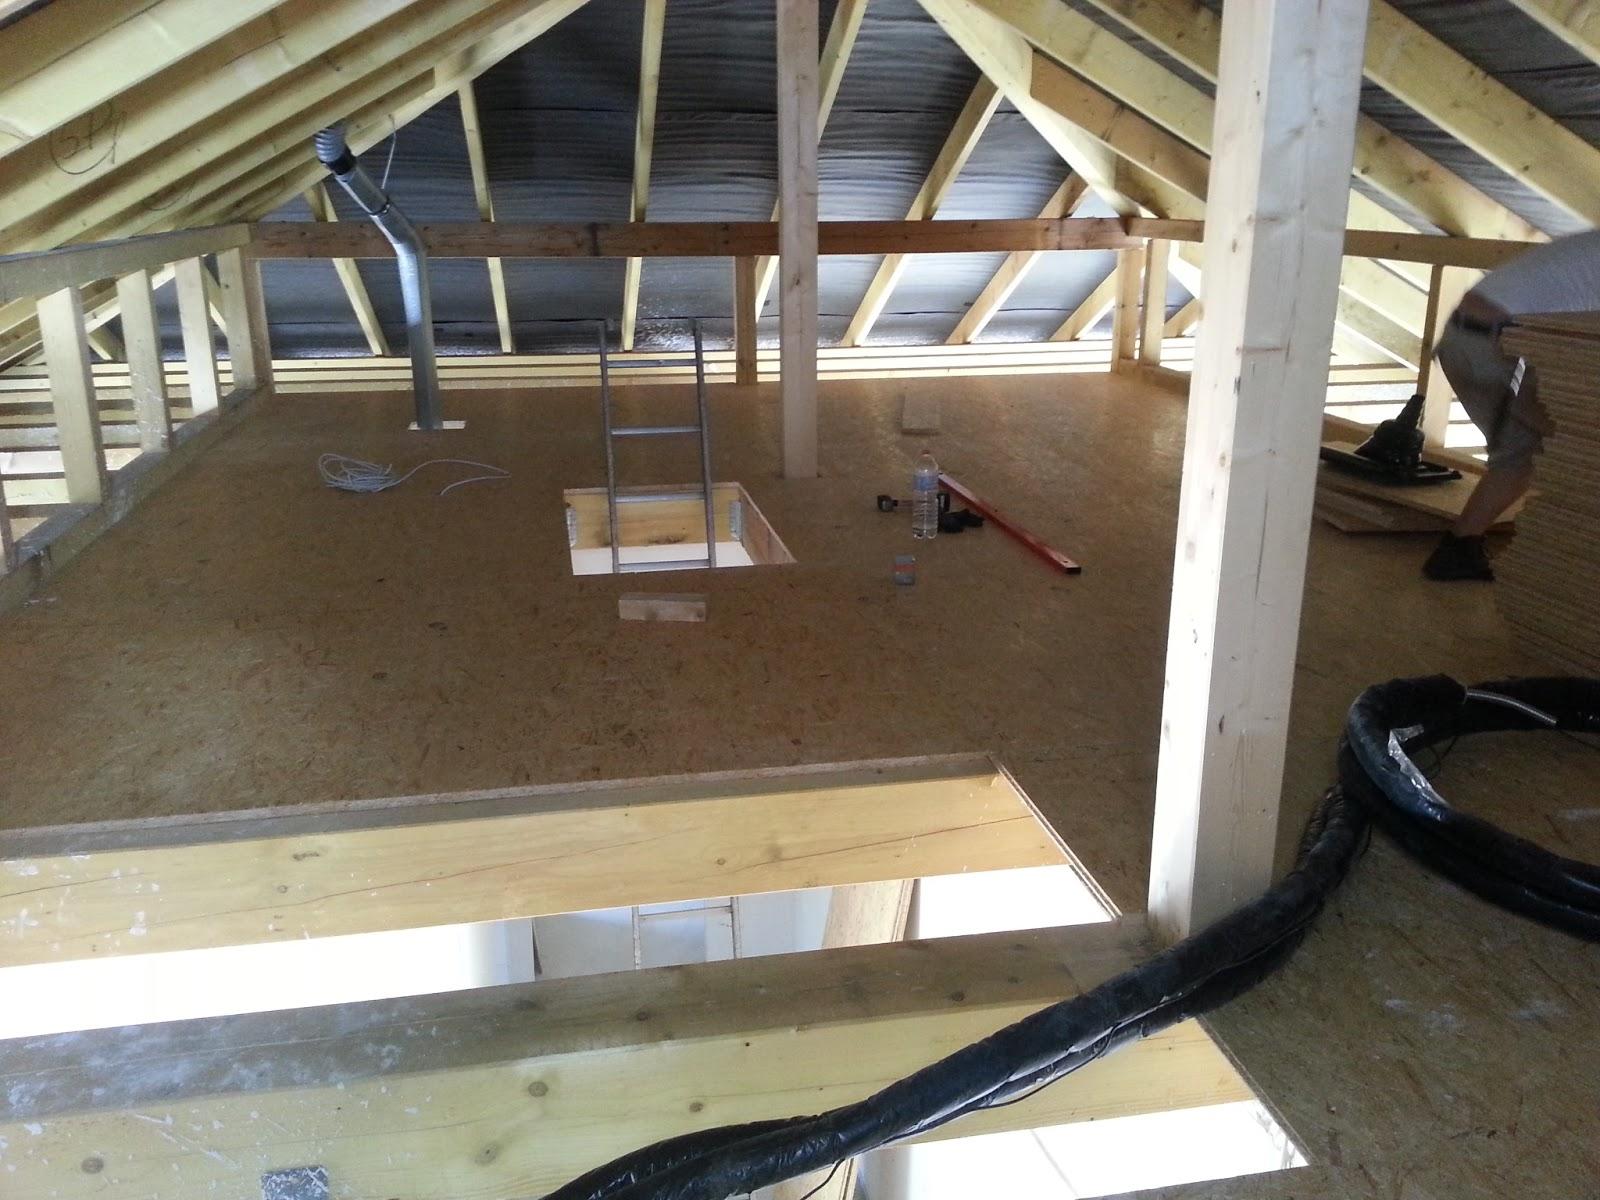 aileen und patrick bauen dachboden. Black Bedroom Furniture Sets. Home Design Ideas